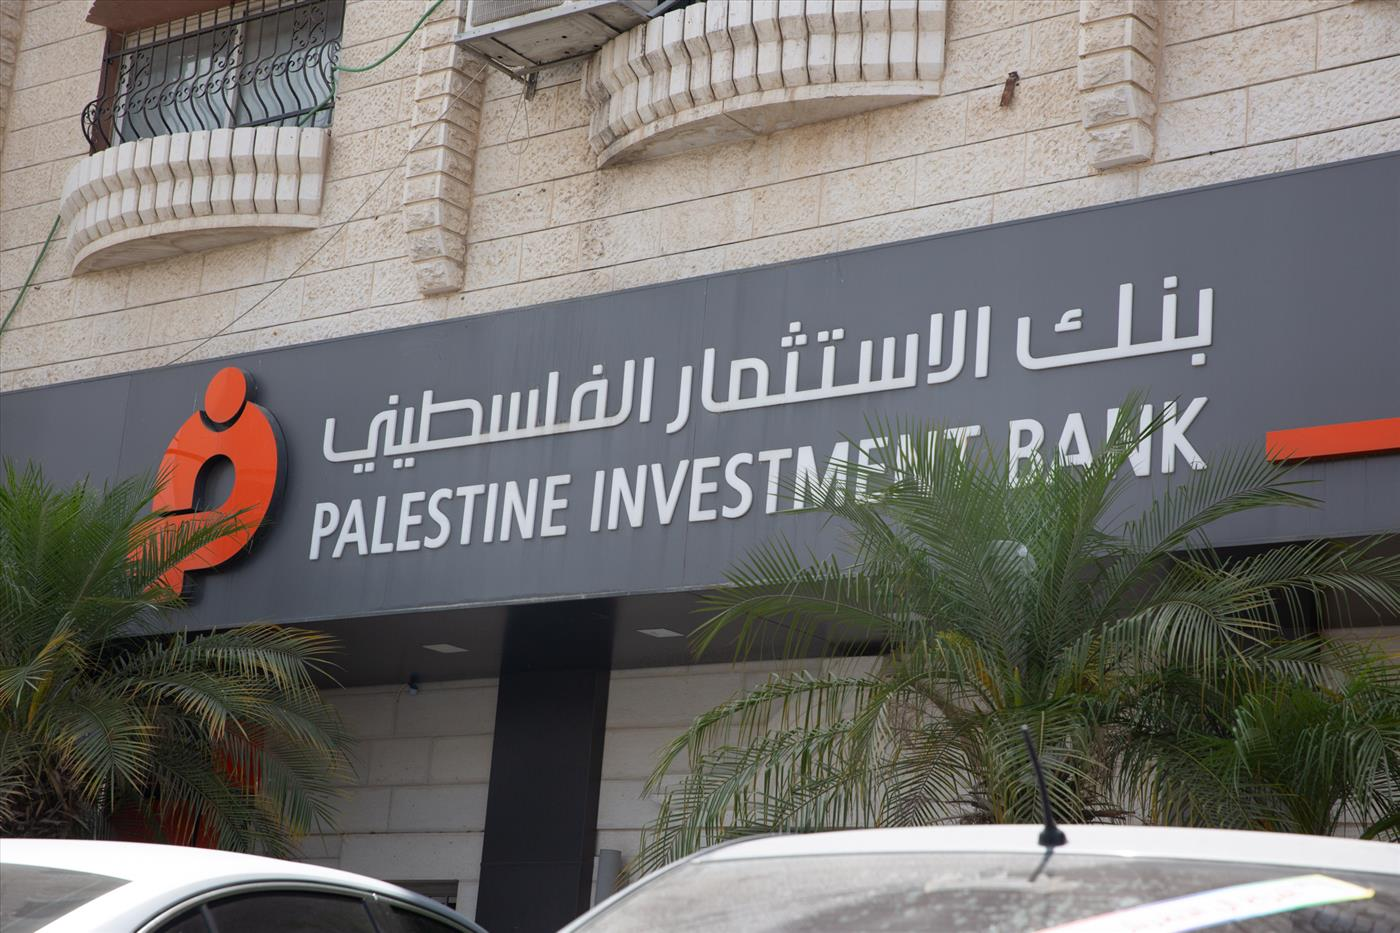 בנק ערבי, ארכיון (אסתי דוידוב, tps)